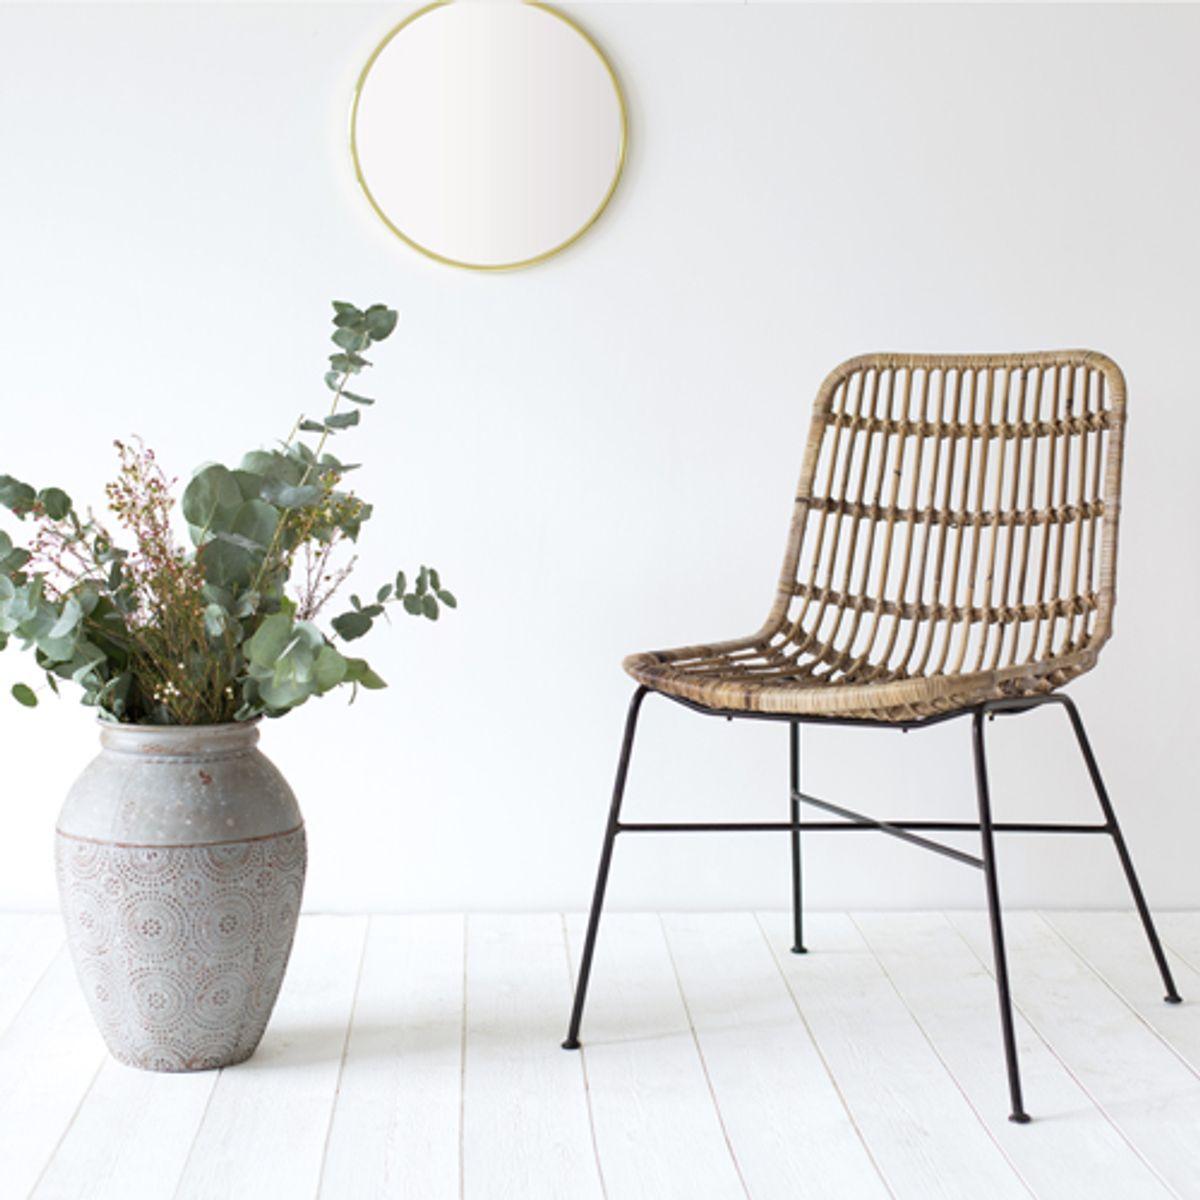 Chaise en rotin naturel  bois clair